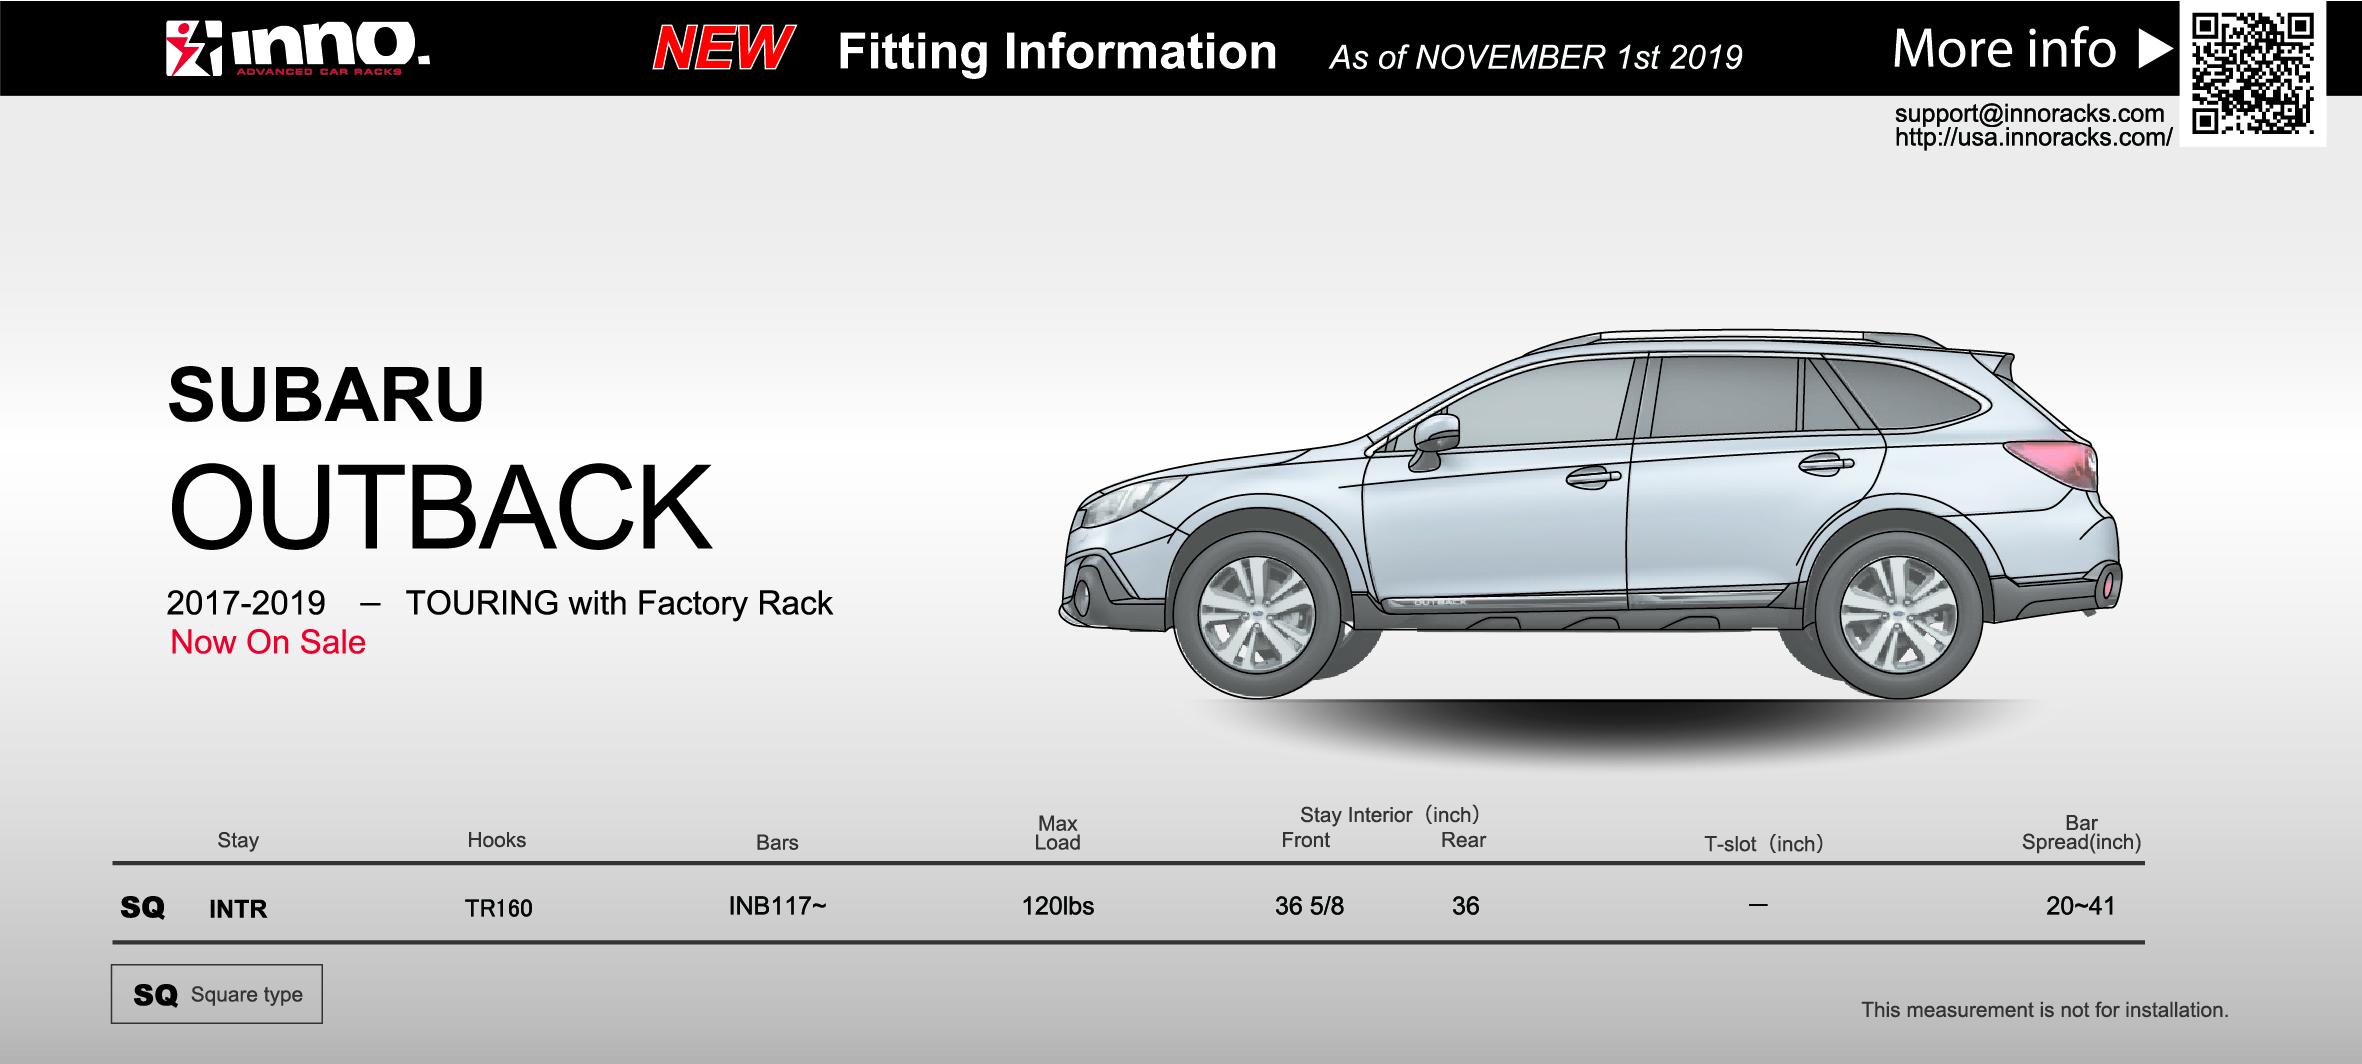 2017-2019 Subaru Outback